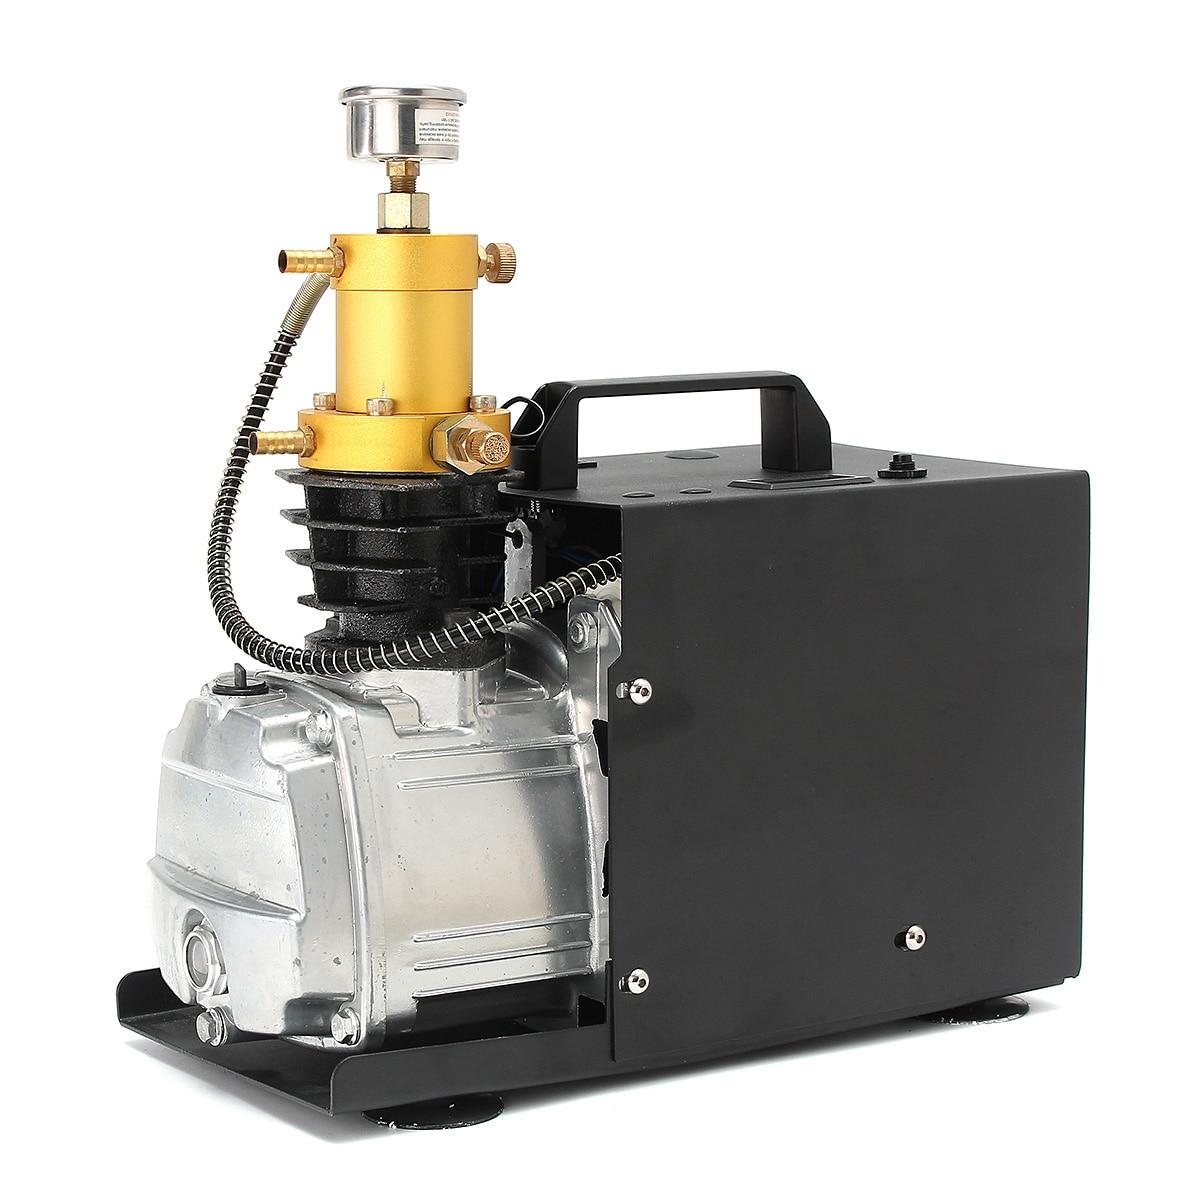 110/220V 300BAR 4500PSI High Pressure Air Pump PCP Electric Air Compressor For Pneumatic Airgun Scuba Rifle PCP Inflator